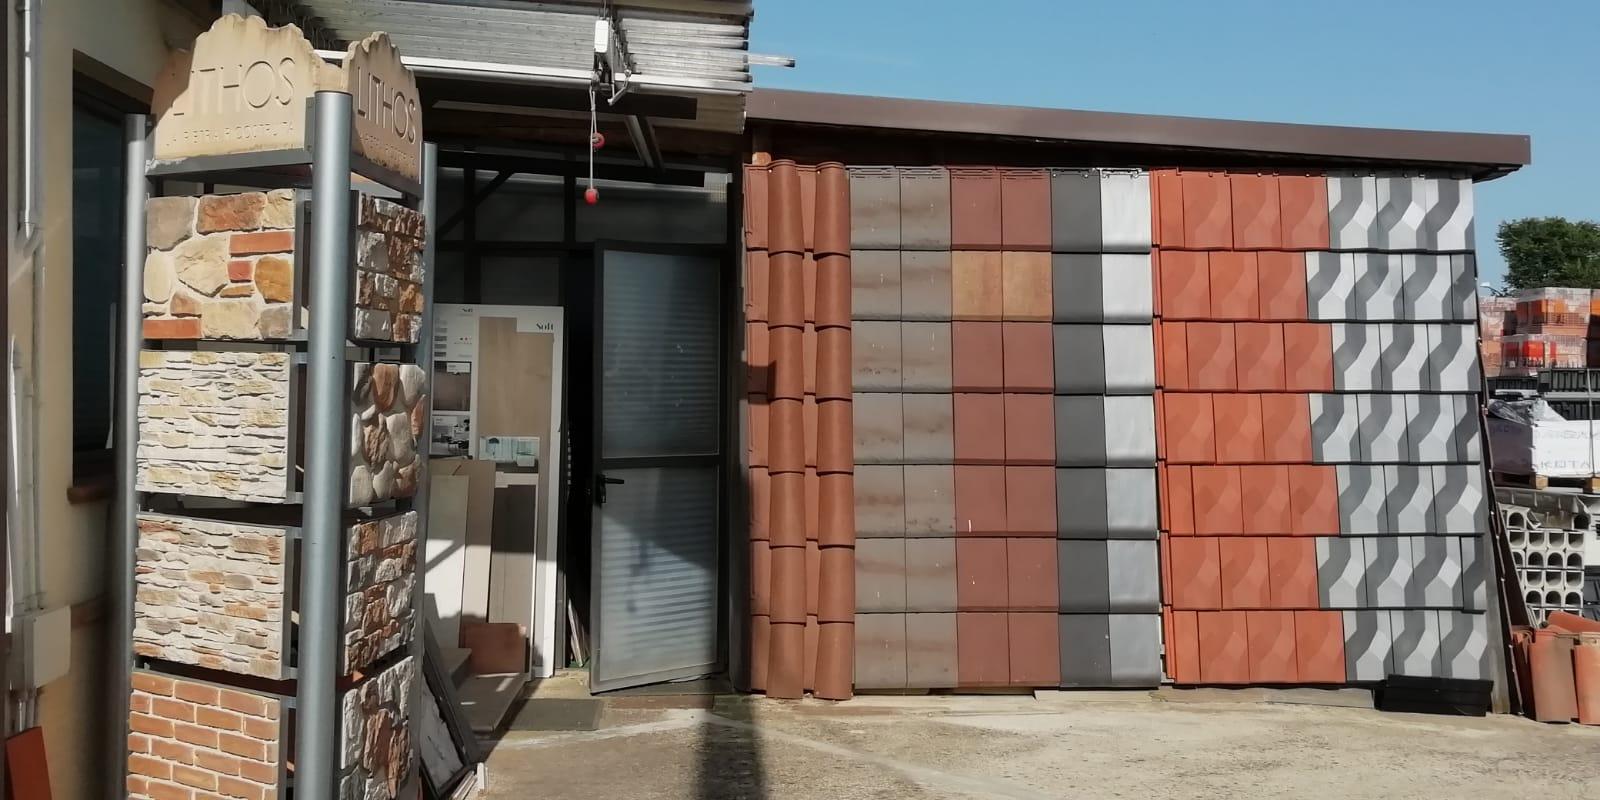 Imprese Di Costruzioni Campania matteo cammarano sas – materiale e macchinari edili per